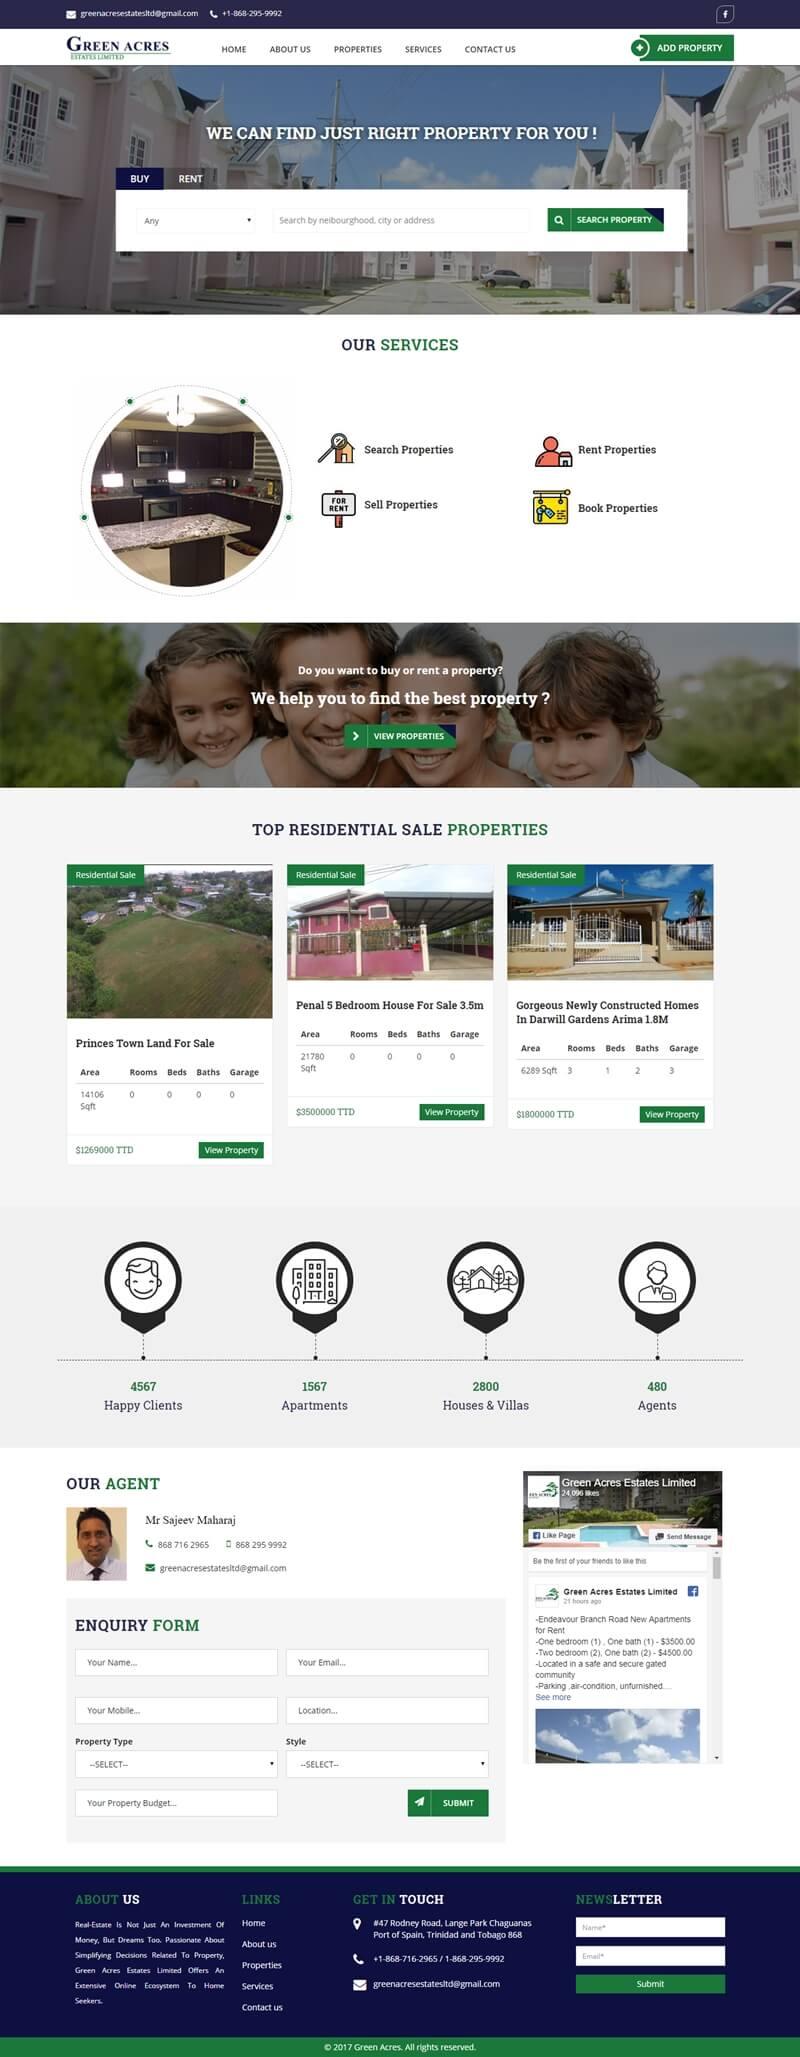 AwesomeScreenshot-greenacresestatesltd--2019-08-02_3_23 (1)